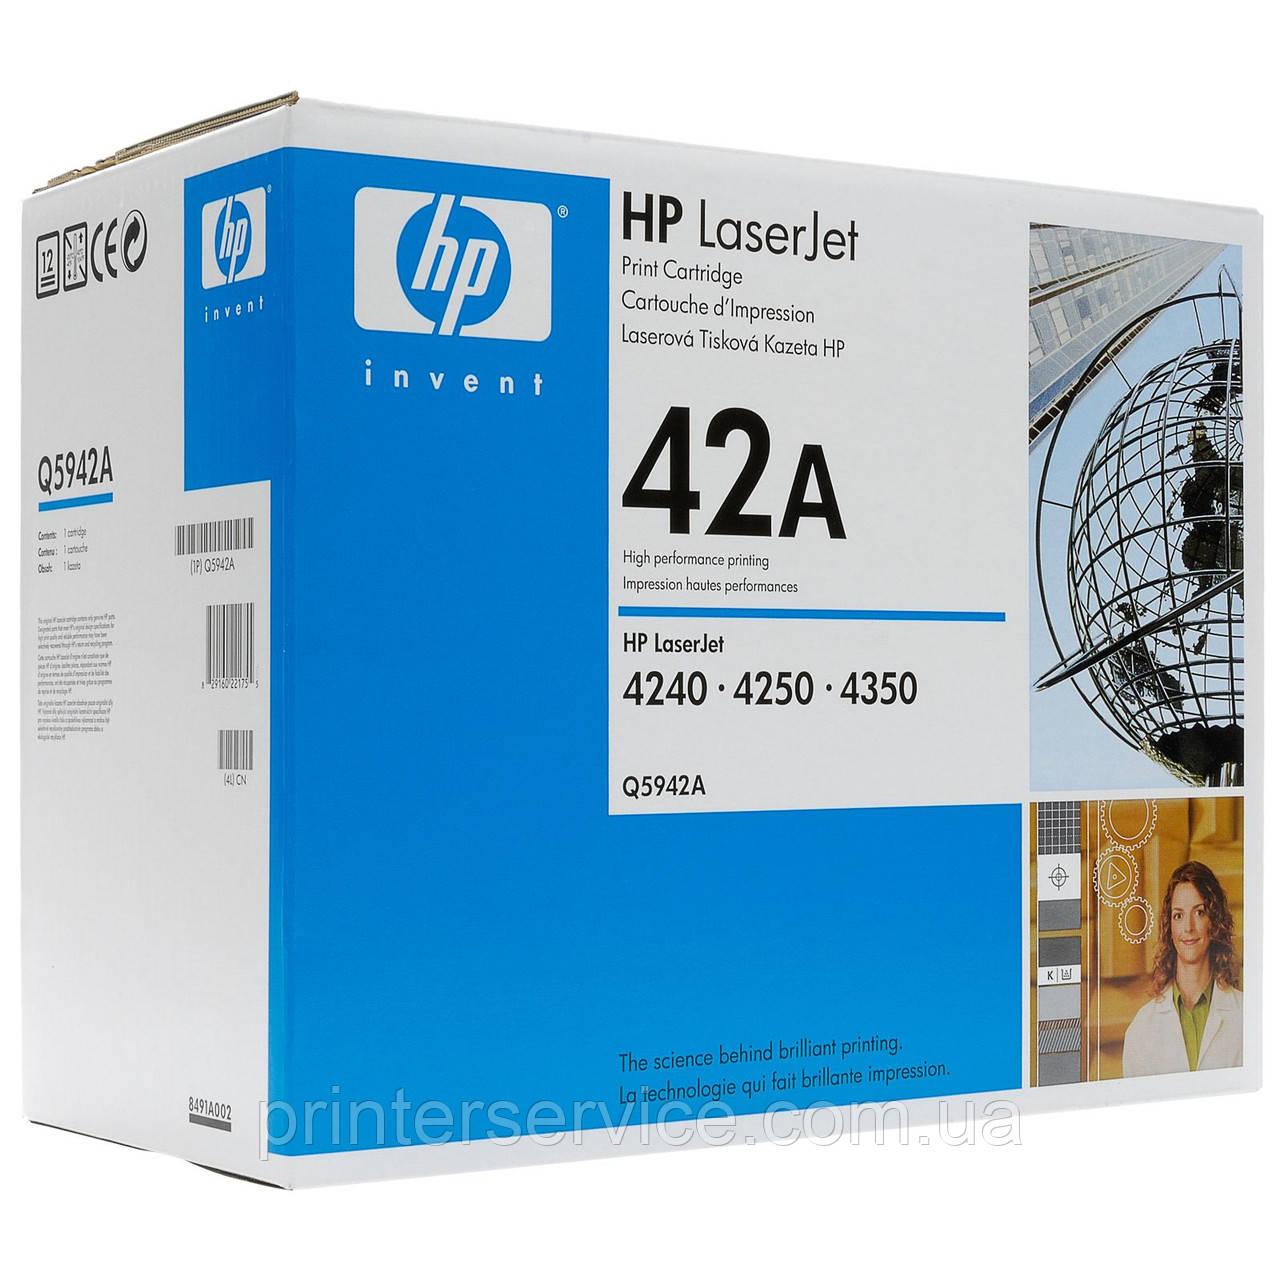 Q5942A (42A) картридж для HP LJ 4250/4240/4350 series